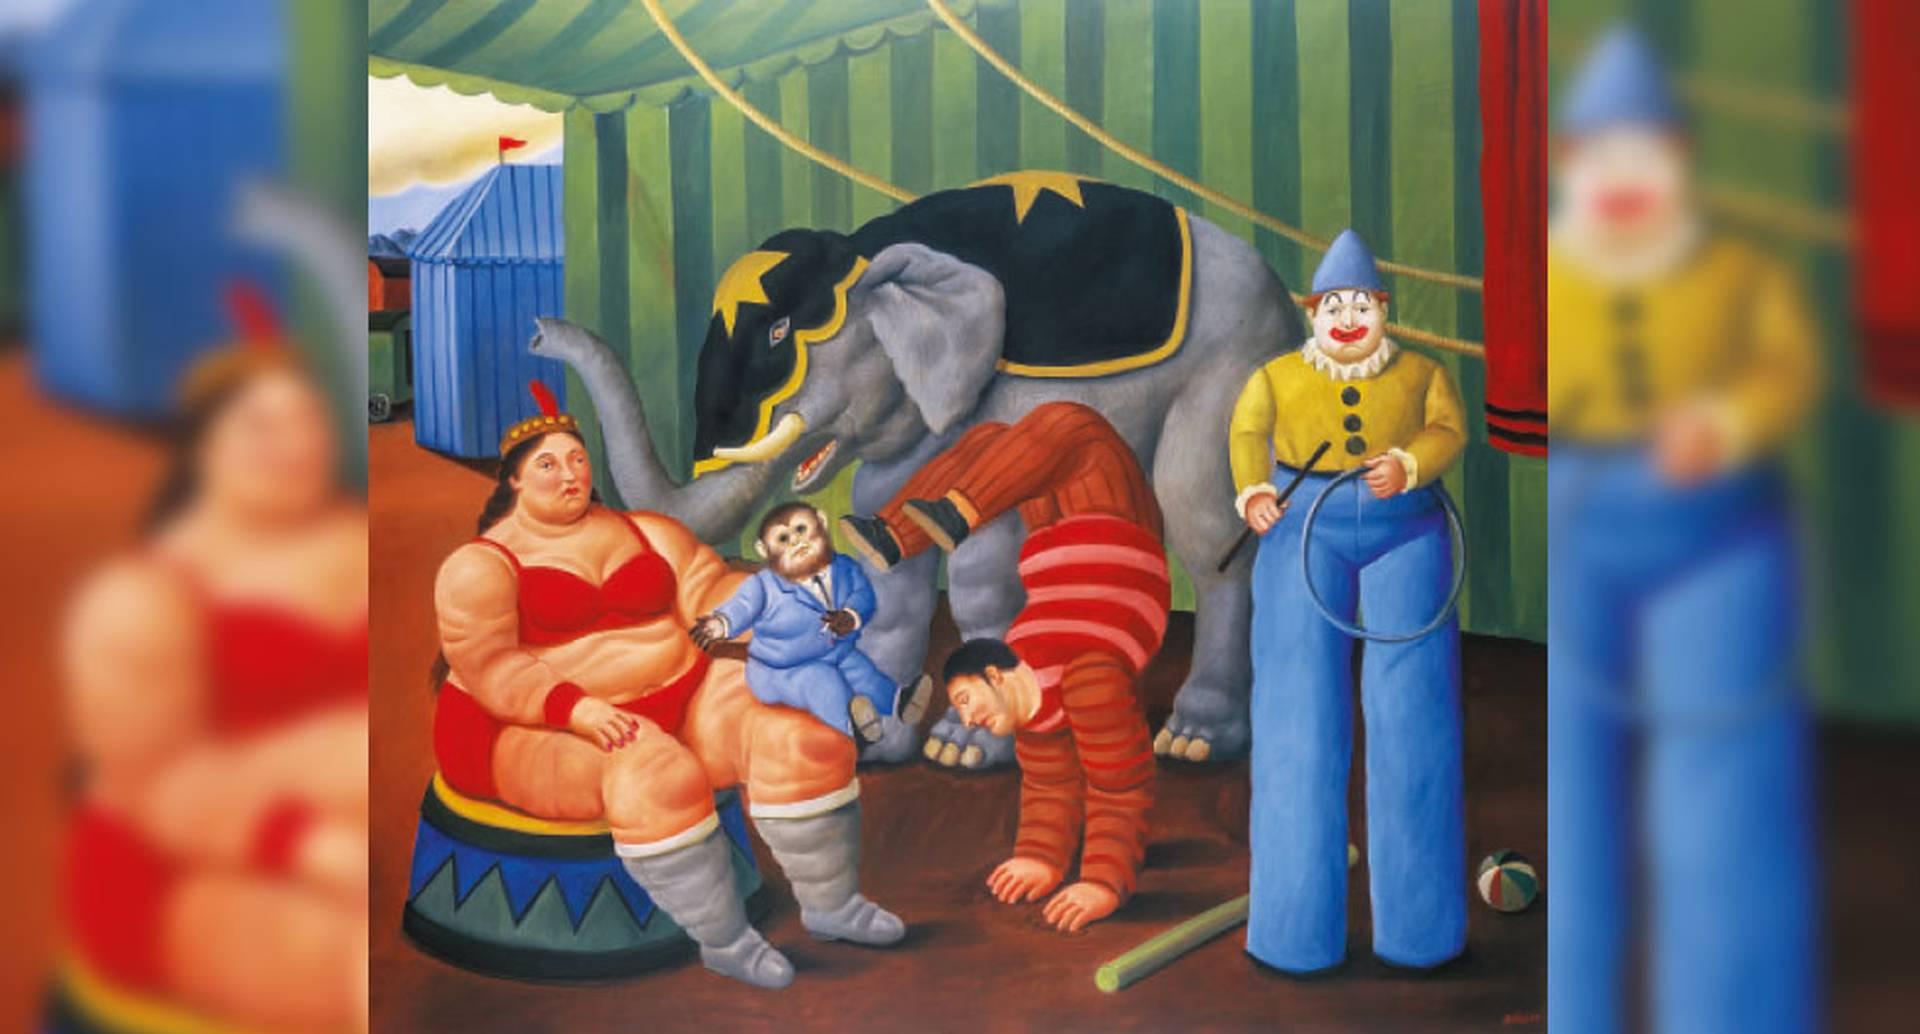 Fernando Botero, 'Gente del circo con elefante', 2007